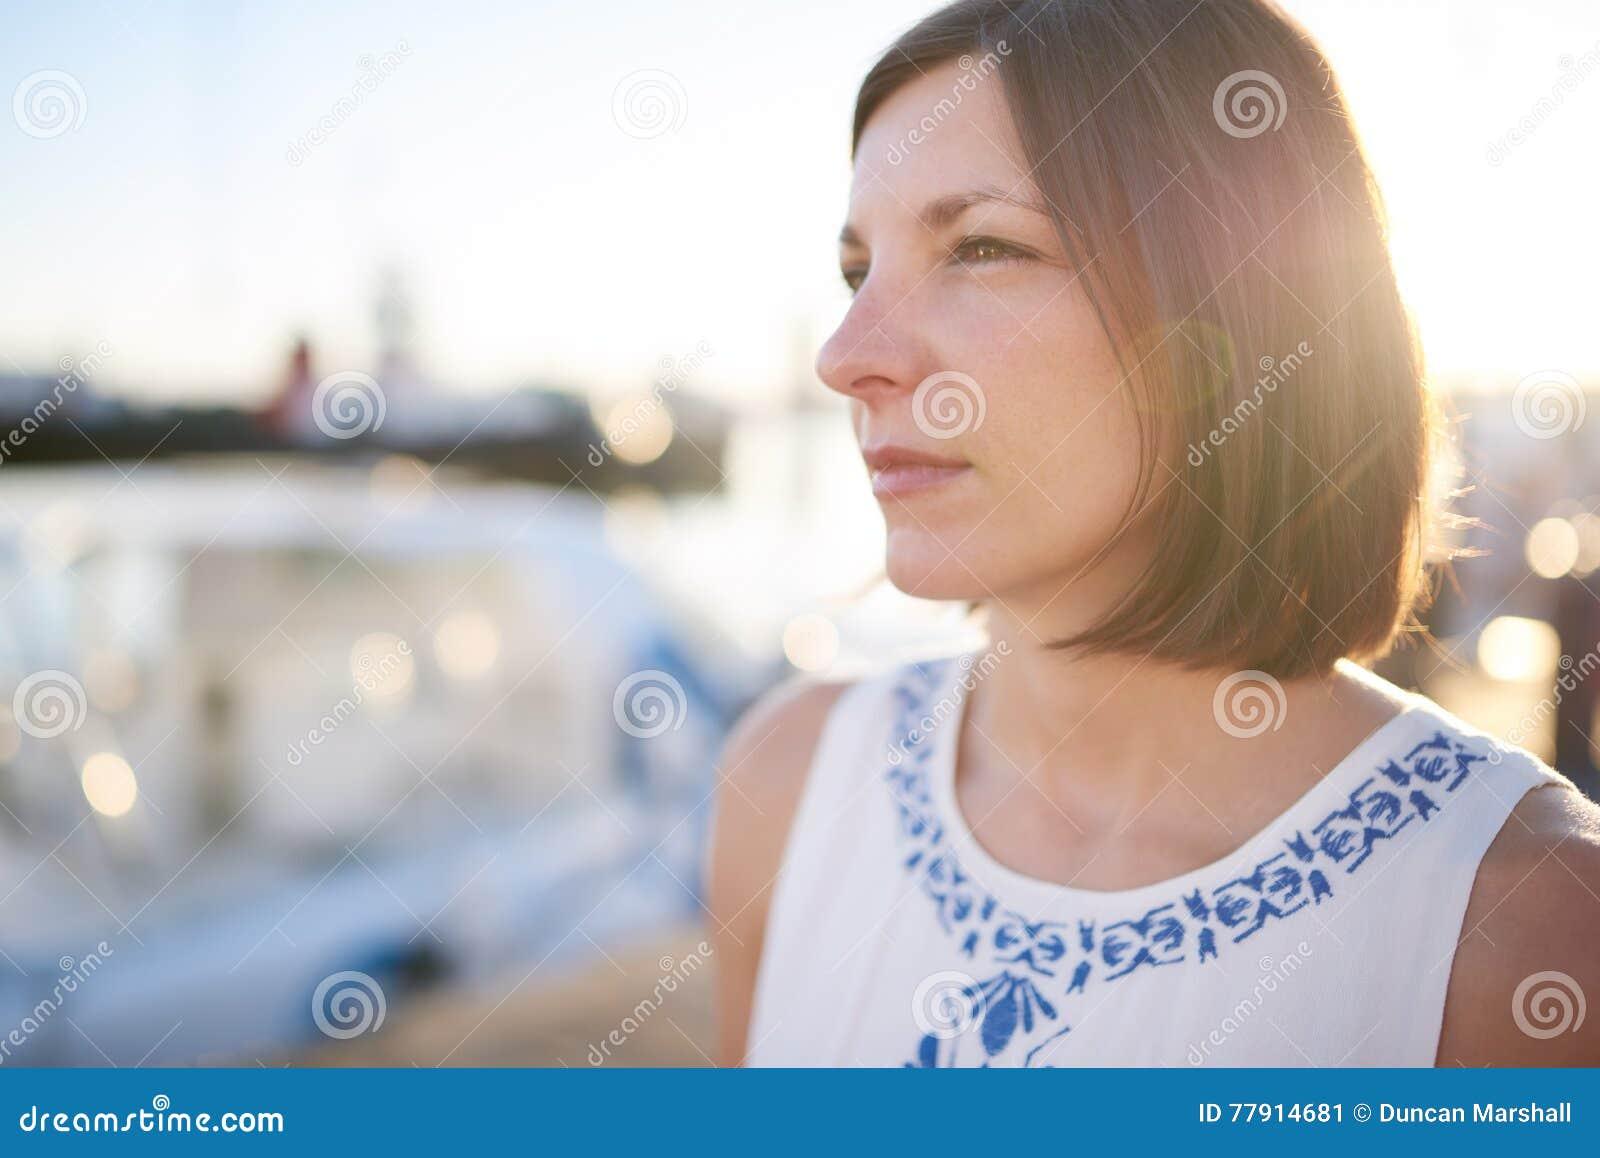 Зрелая и молодой на камеру, порно толстушка кончила от пальцев